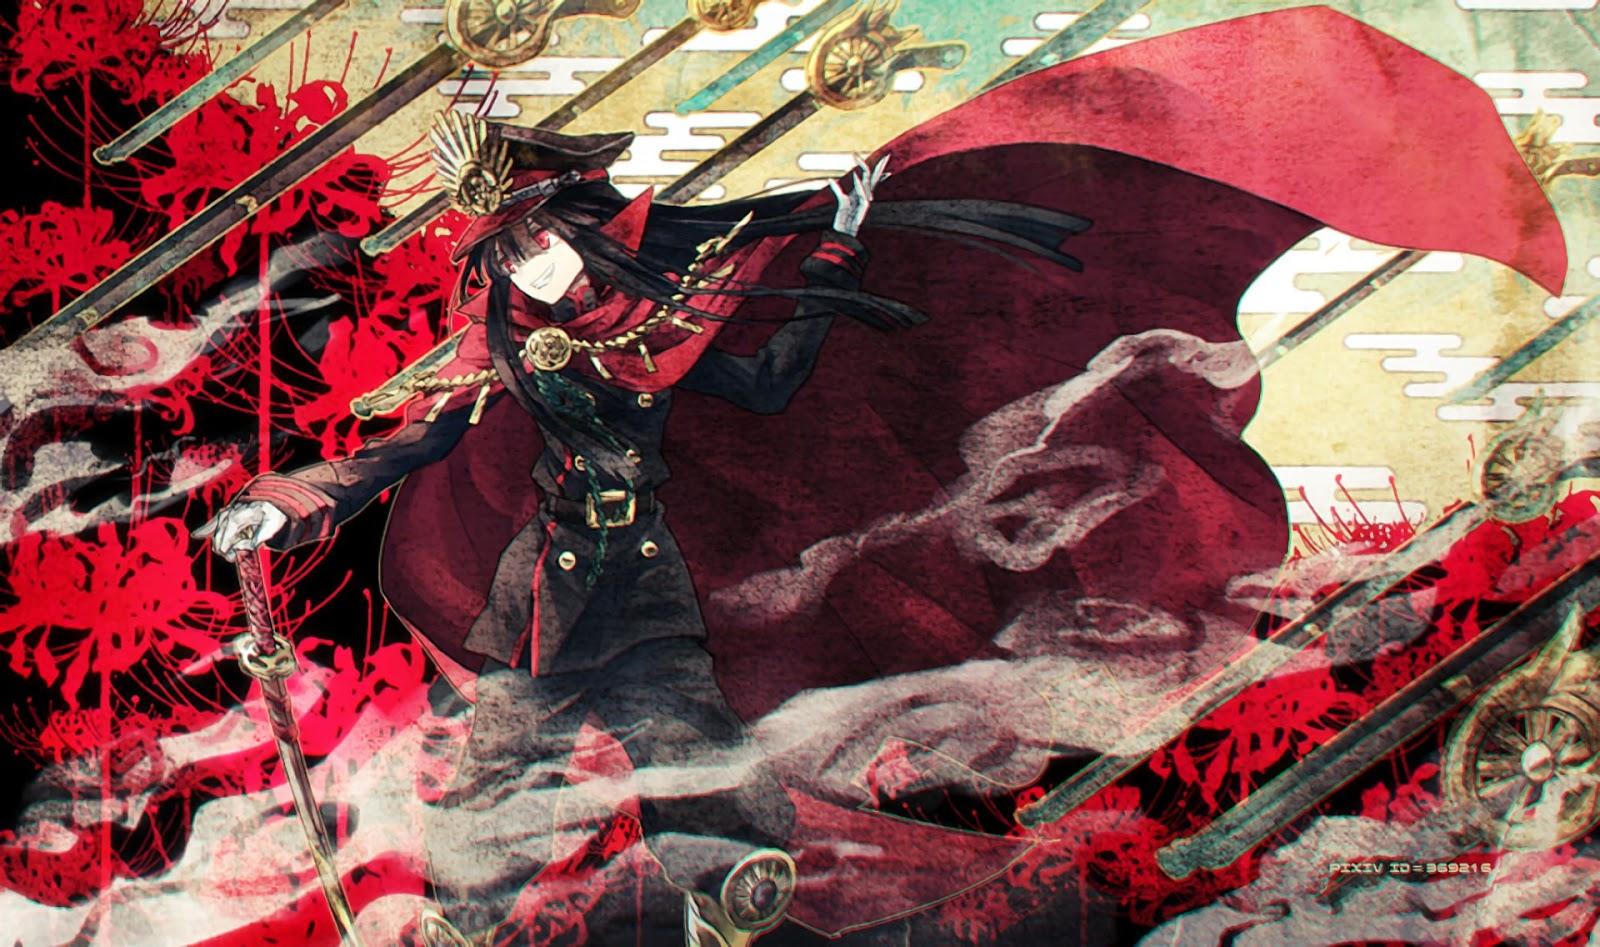 Fate AowVN%2B%252898%2529 - [ Hình Nền ] Anime Fate/GrandOrder tuyệt đẹp Full HD | Wallpaper